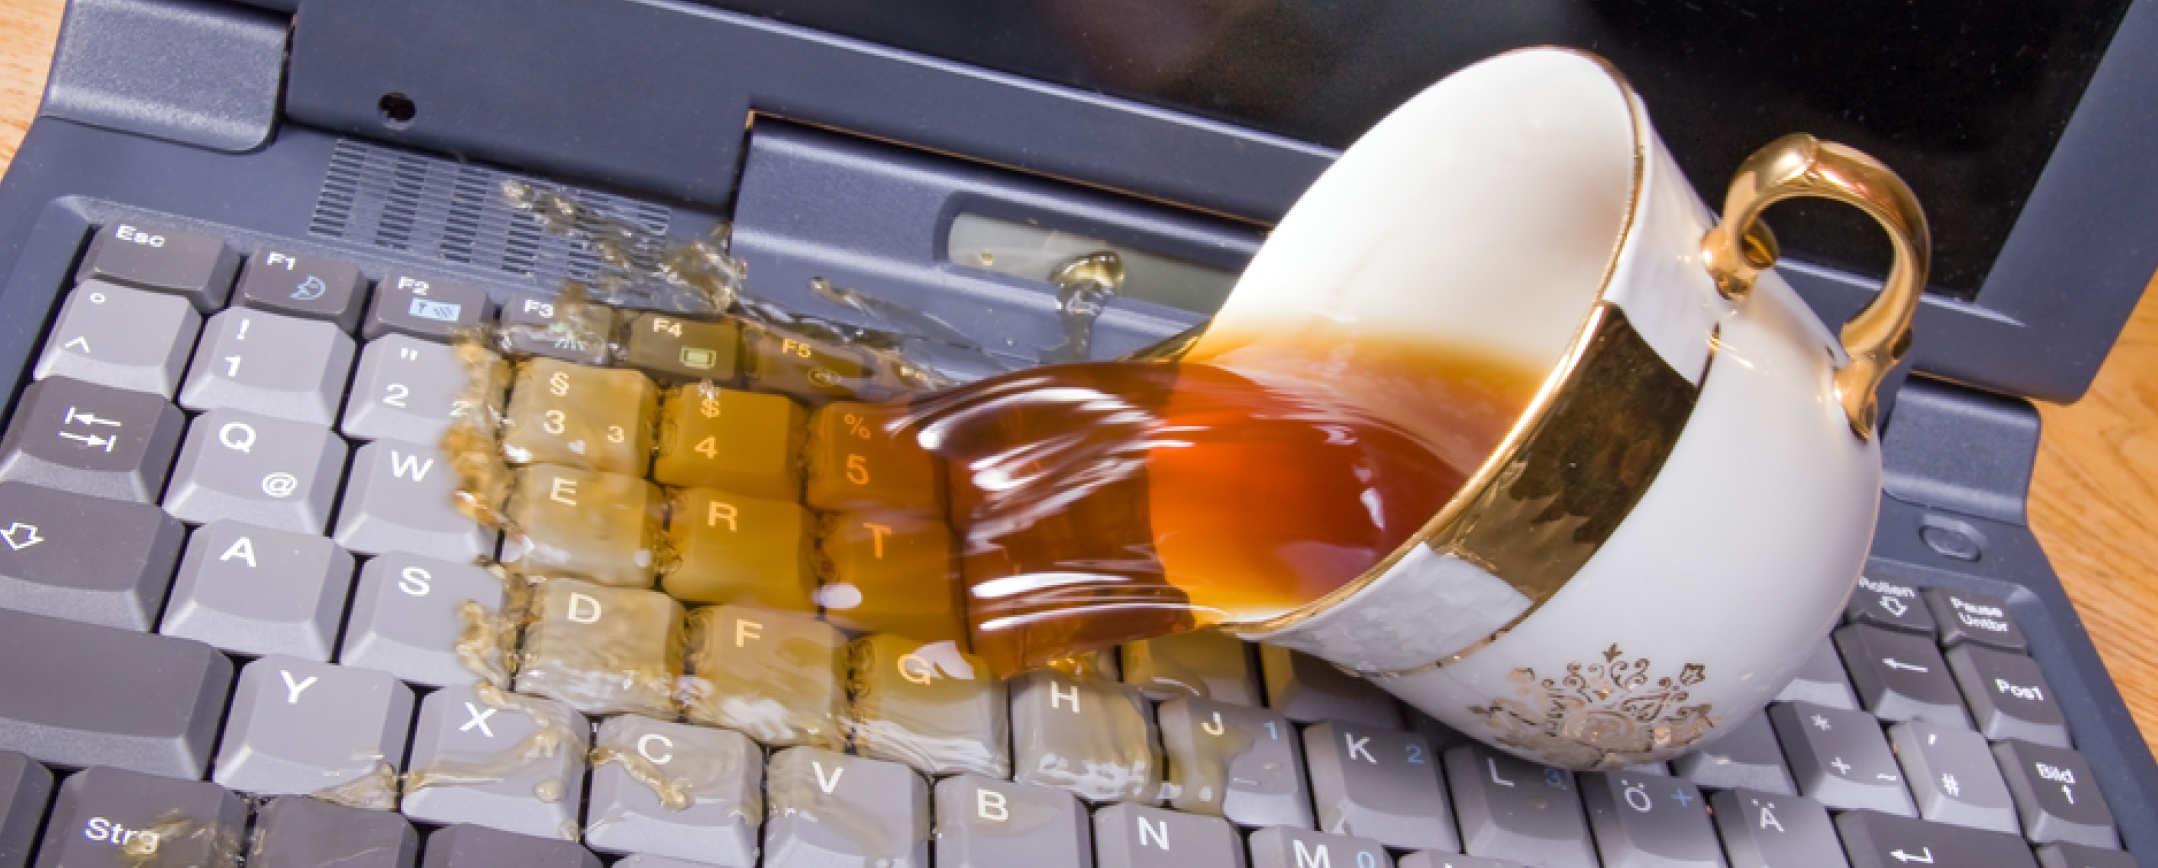 اقدامات لازم بعد از ریختن مایعات روی لپ تاپ